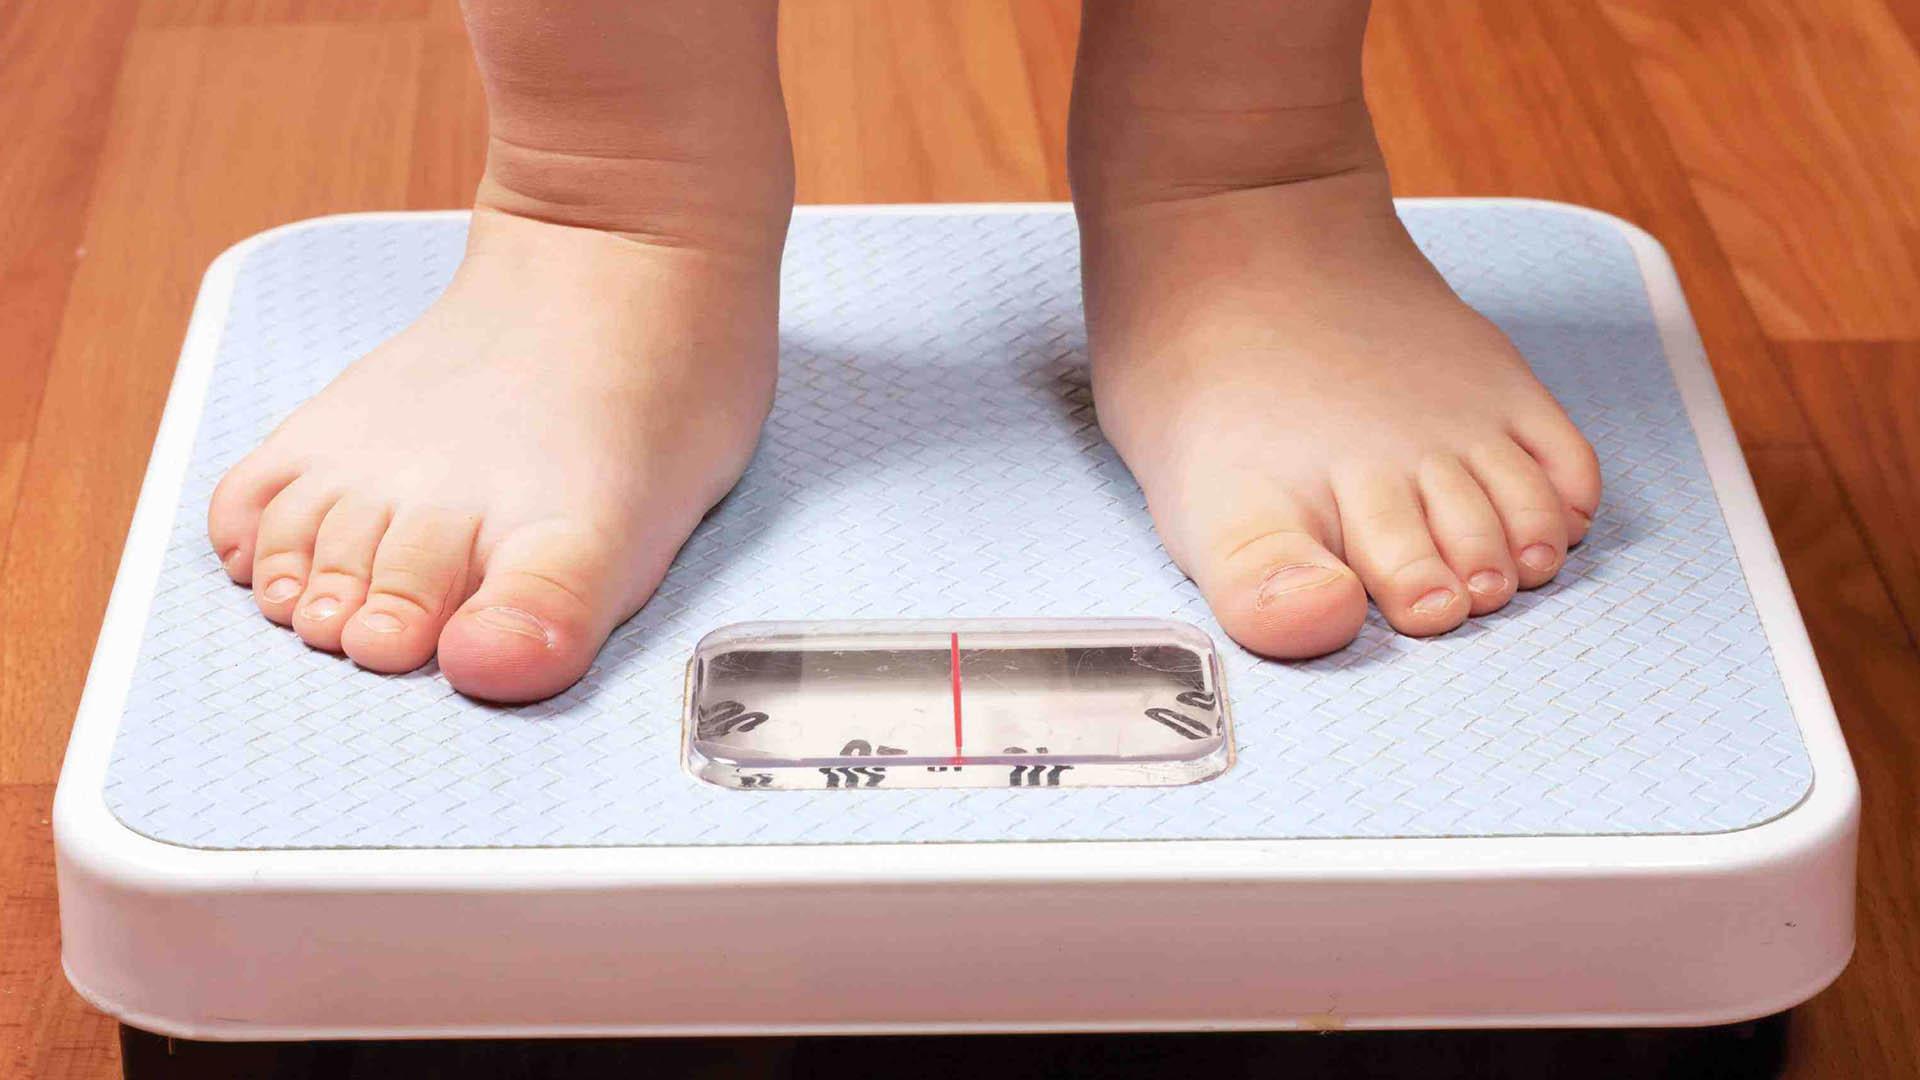 Una investigación de la Universidad de Washington determinó que el sobrepeso de la madre puede deteriorar la salud sus descendientes